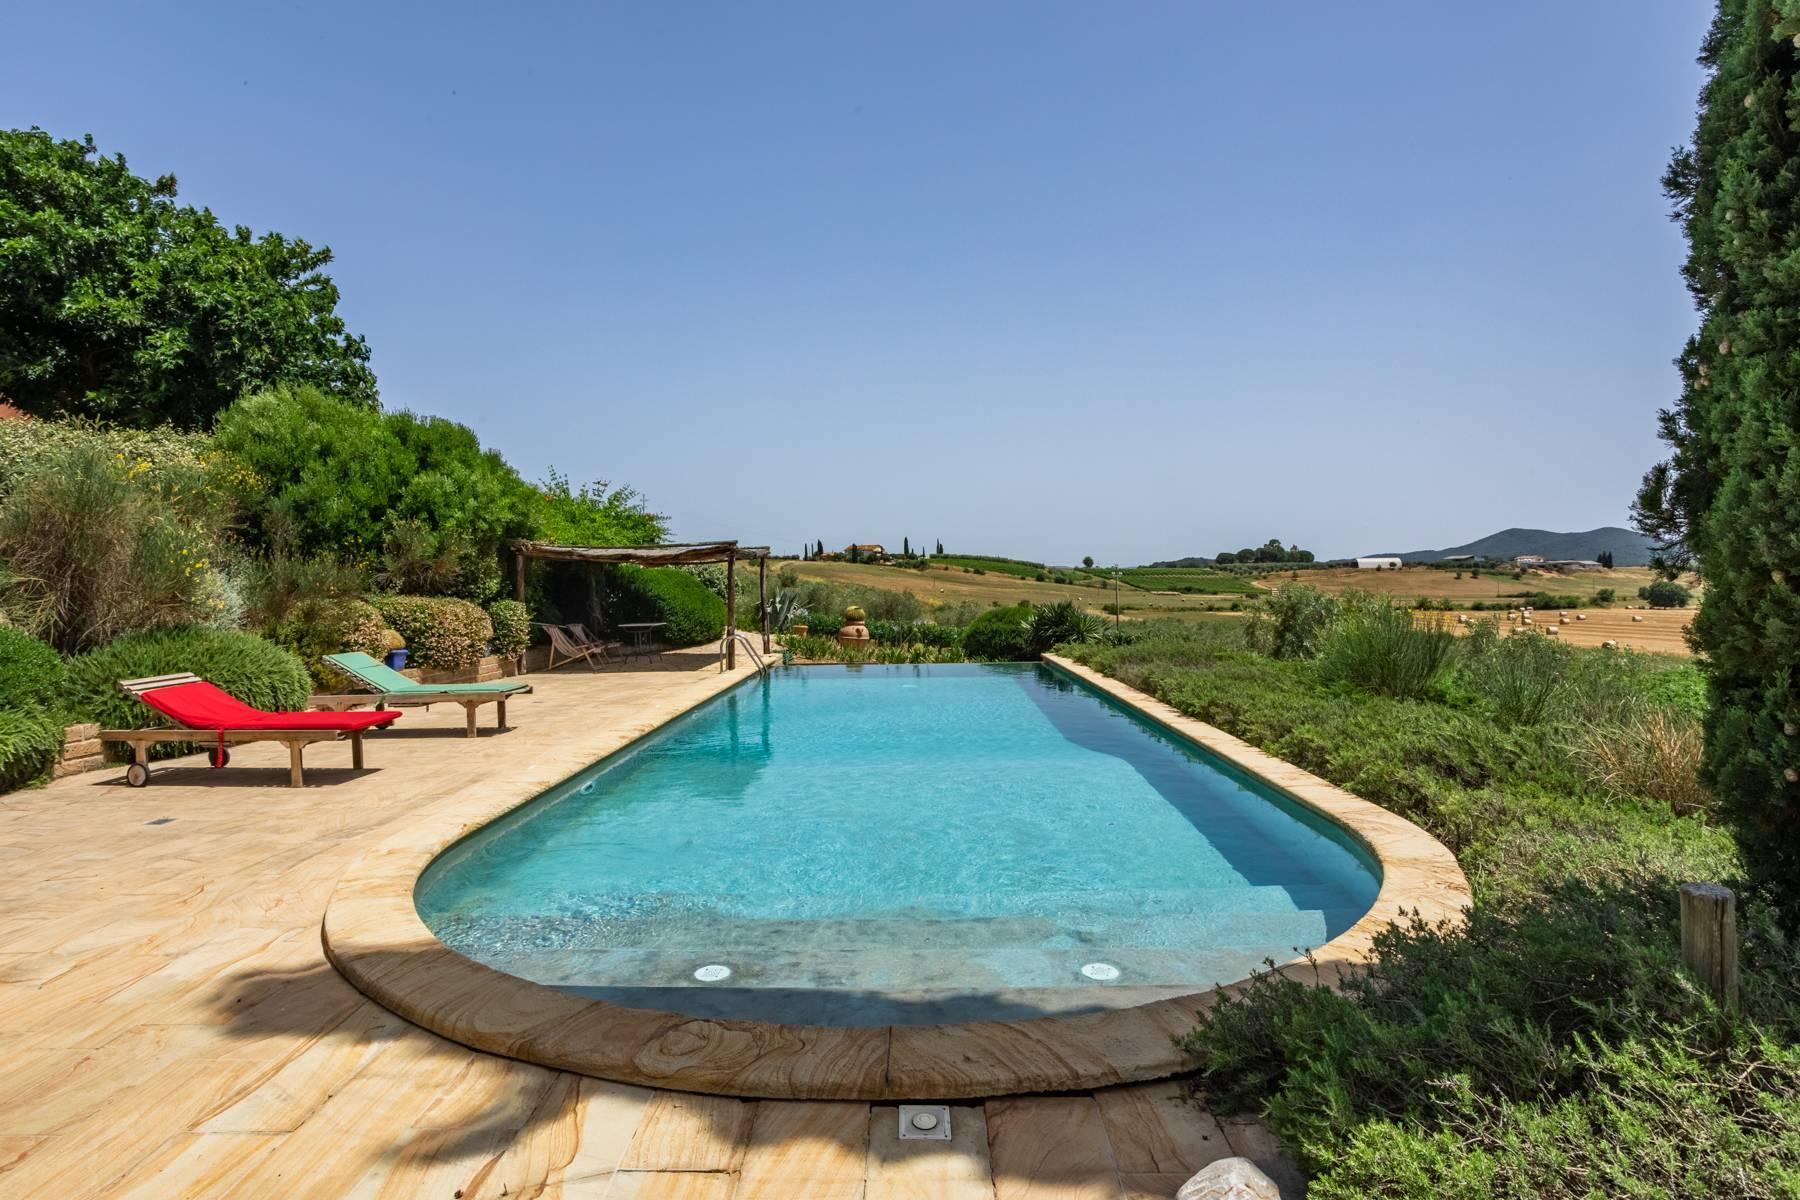 Spendida villa con piscina - 4